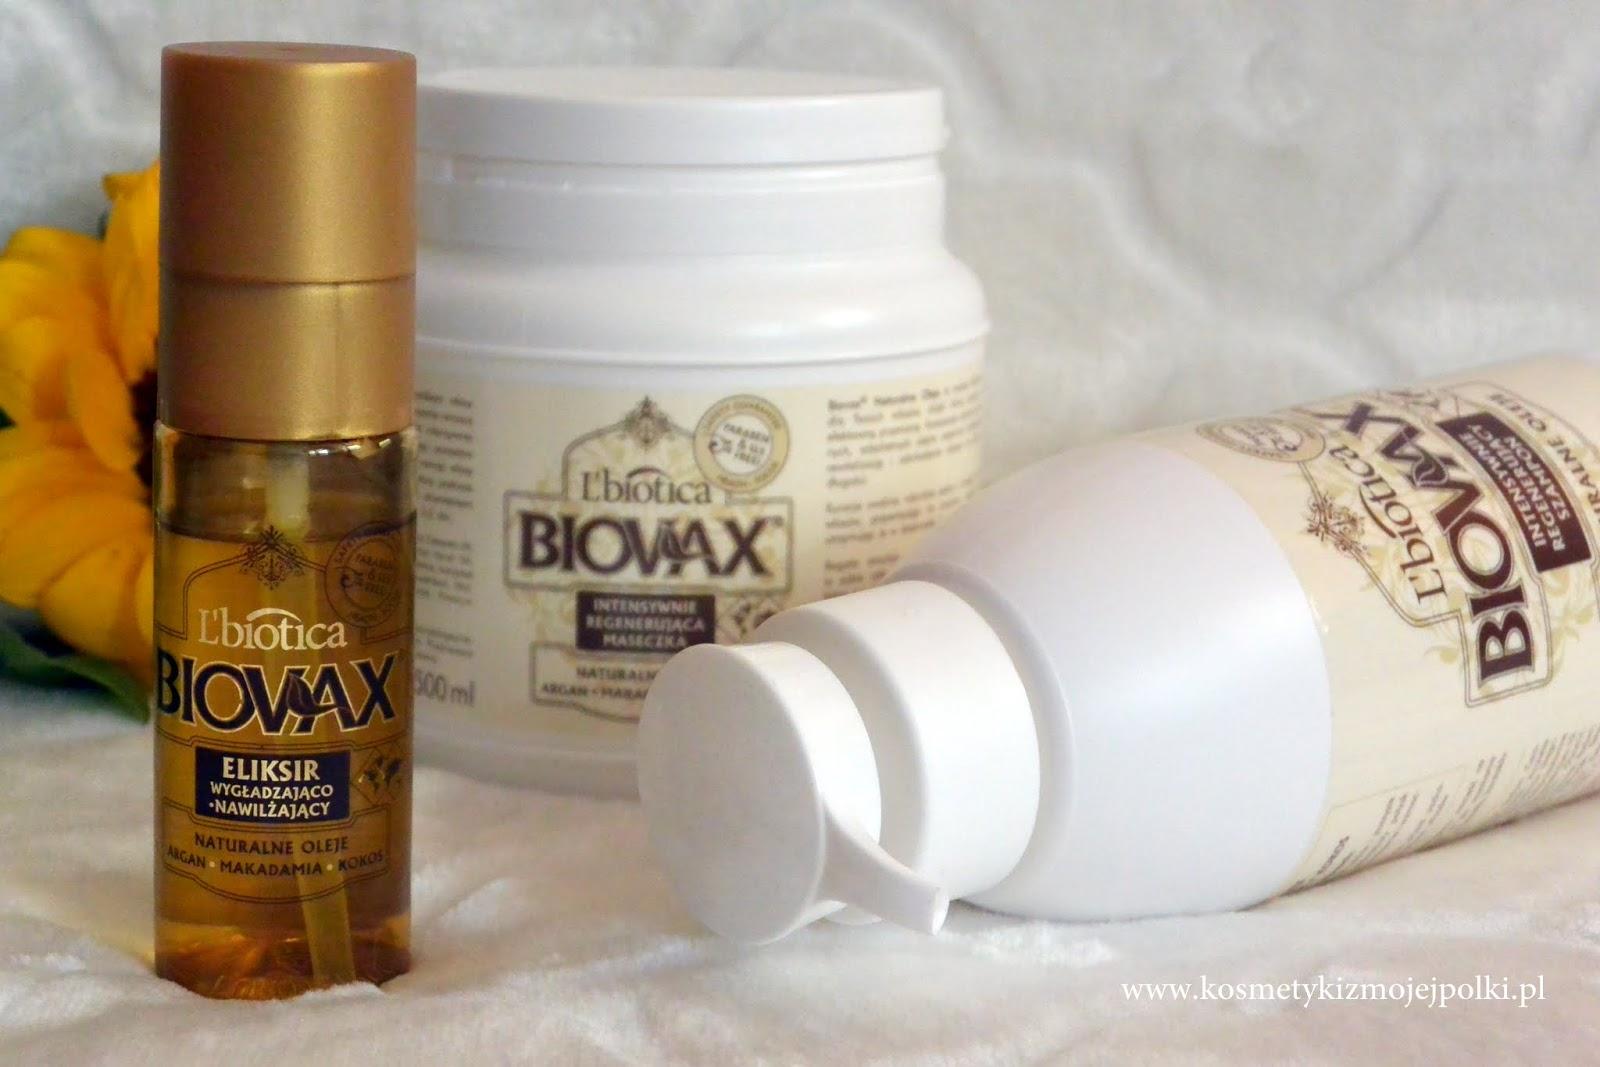 Intensywna regeneracja włosów z BIOVAX L'Biotica Naturalne Oleje Argan Makadamia Kokos